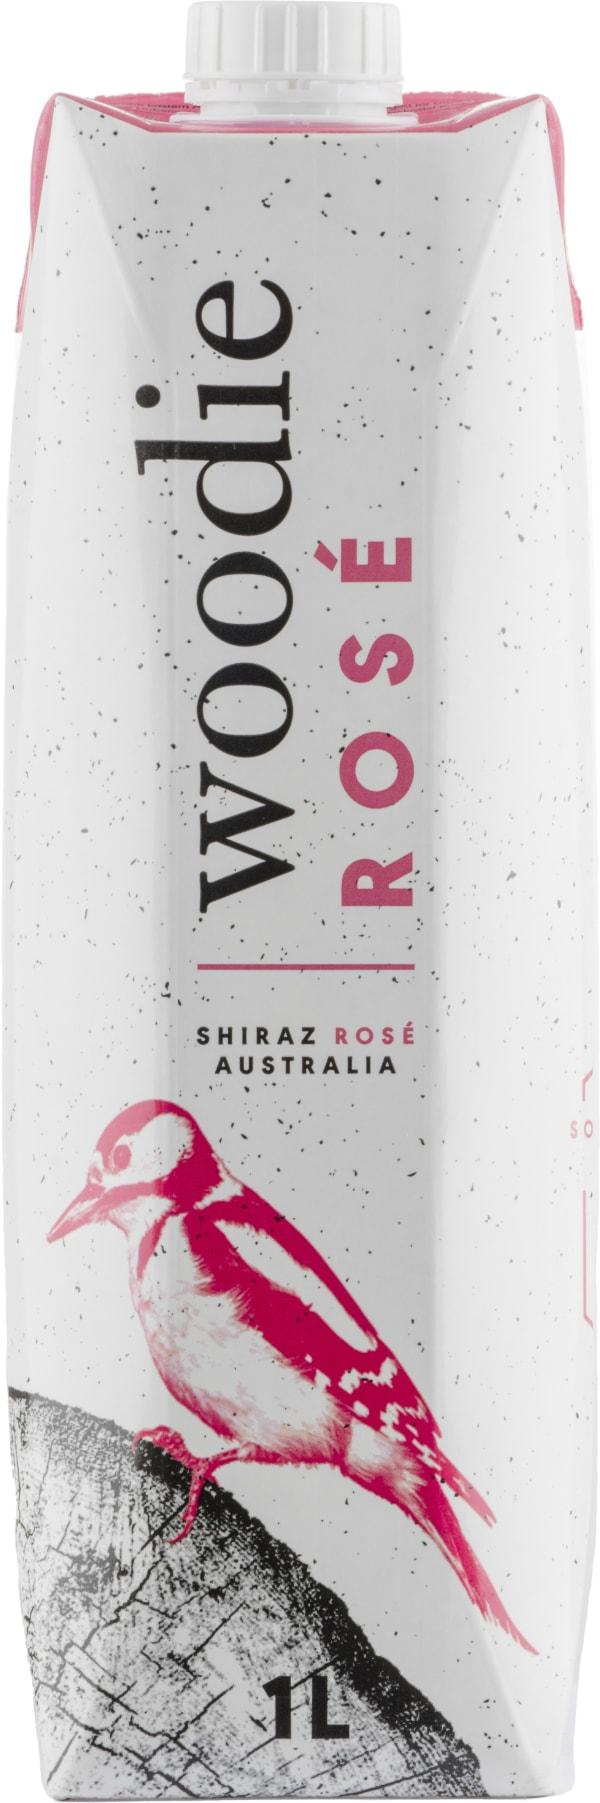 Woodie Rosé 2016 carton package